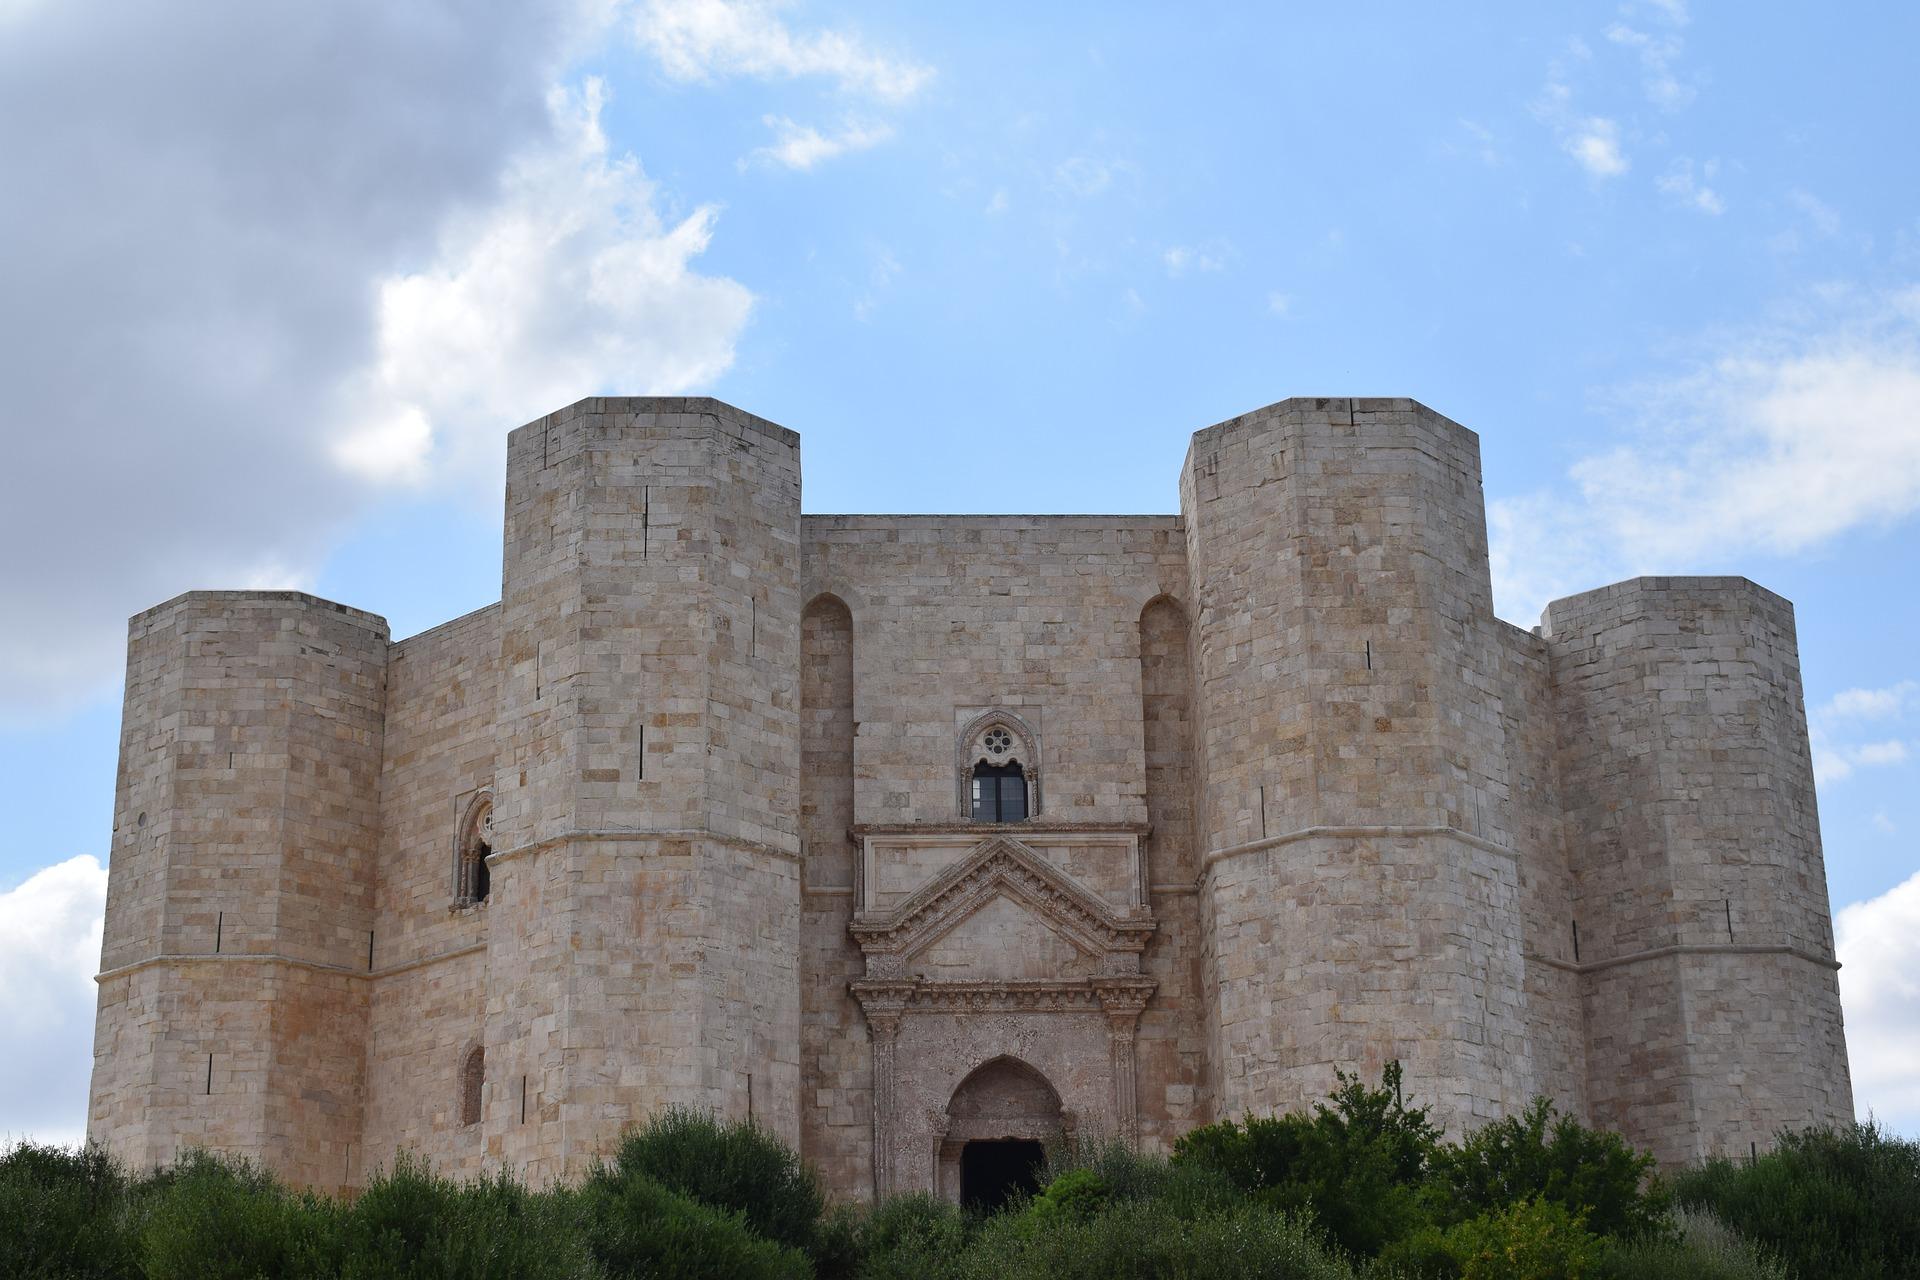 Alla scoperta di Castel del Monte: storia e descrizione del monumento